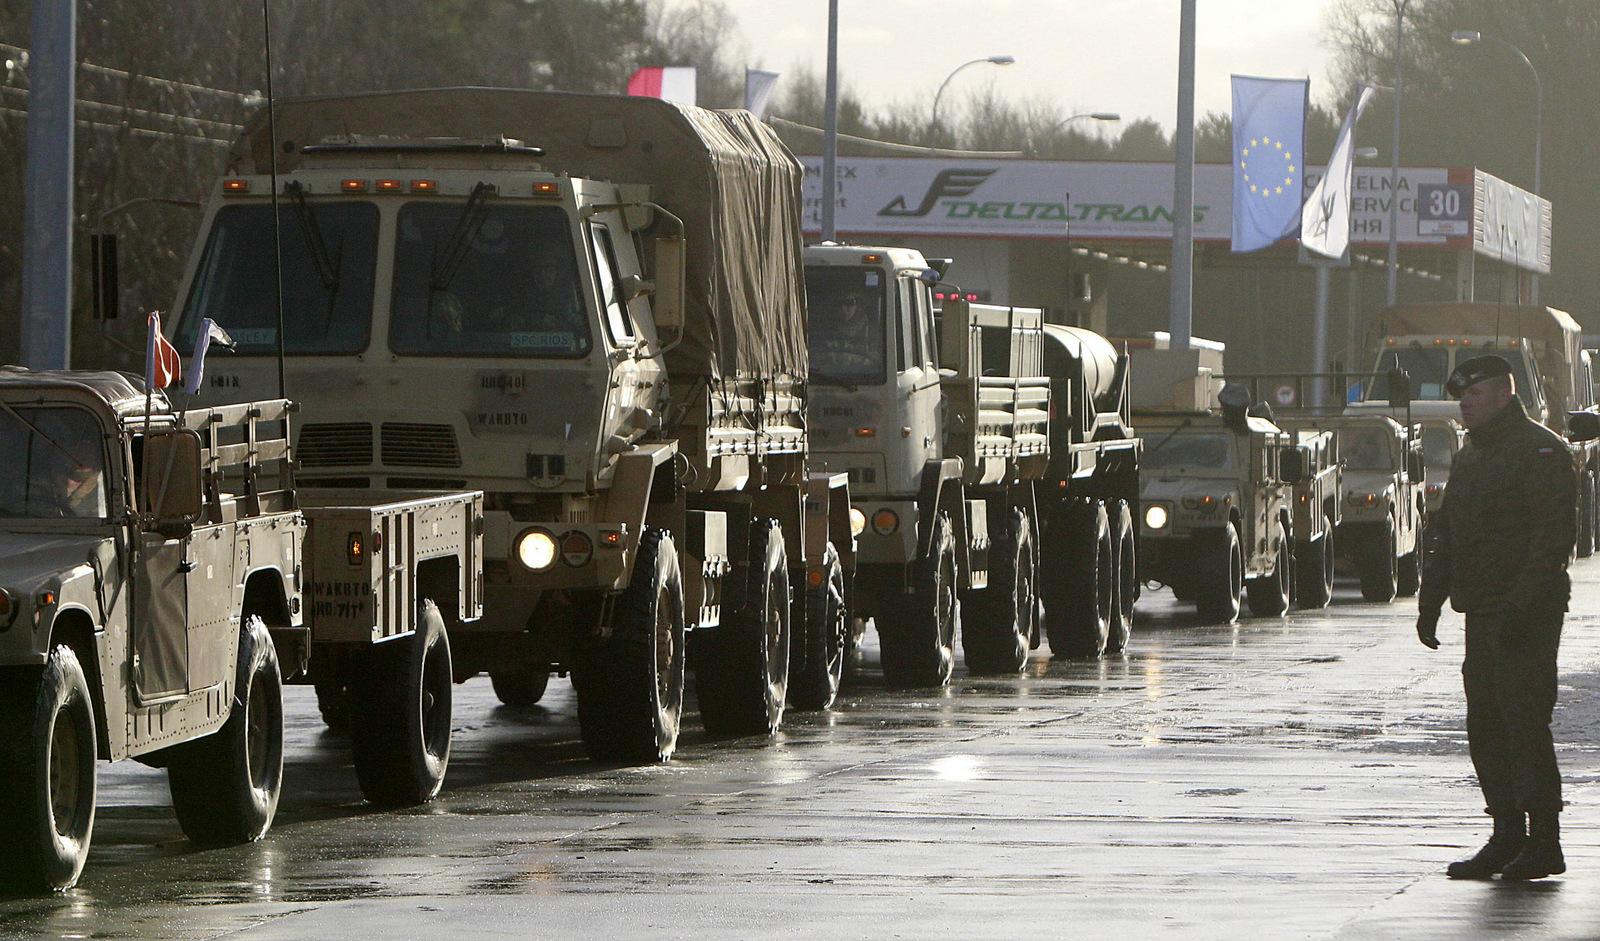 Tropas americanas entram na Polônia com crescente ameaça russa na região